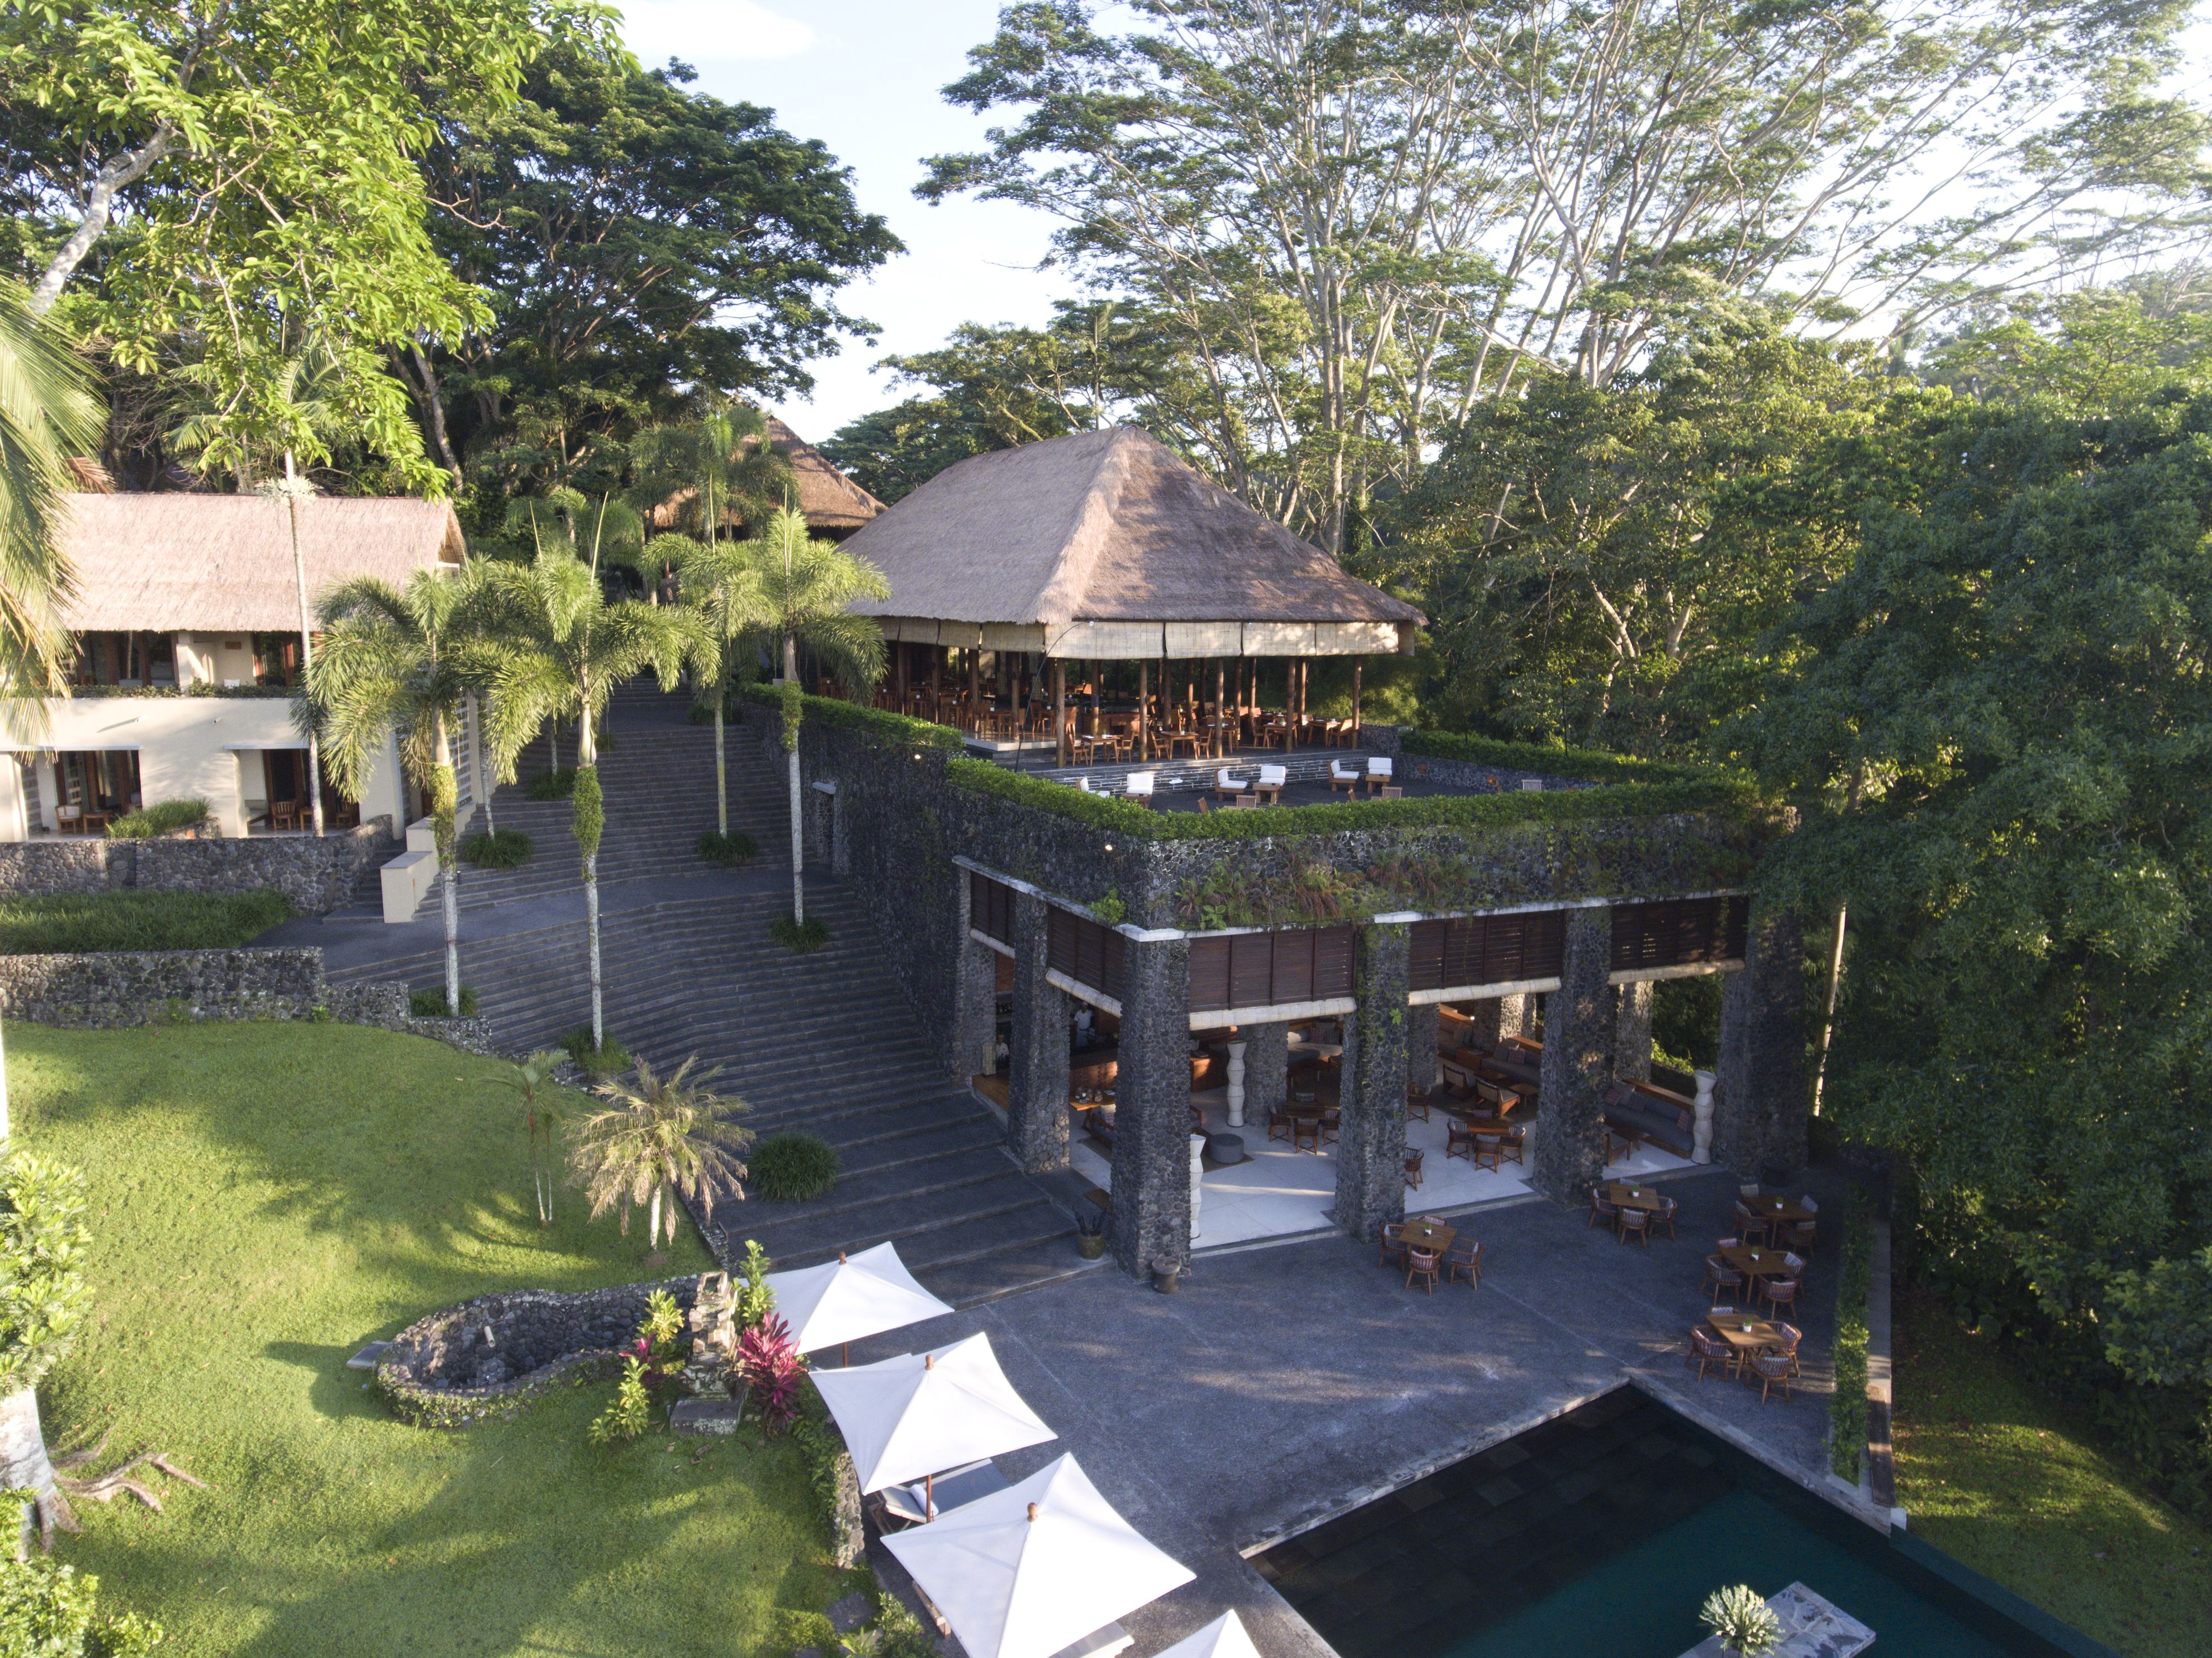 Alila Ubud Cabana Lounge in 2020 Ubud, Patio umbrella